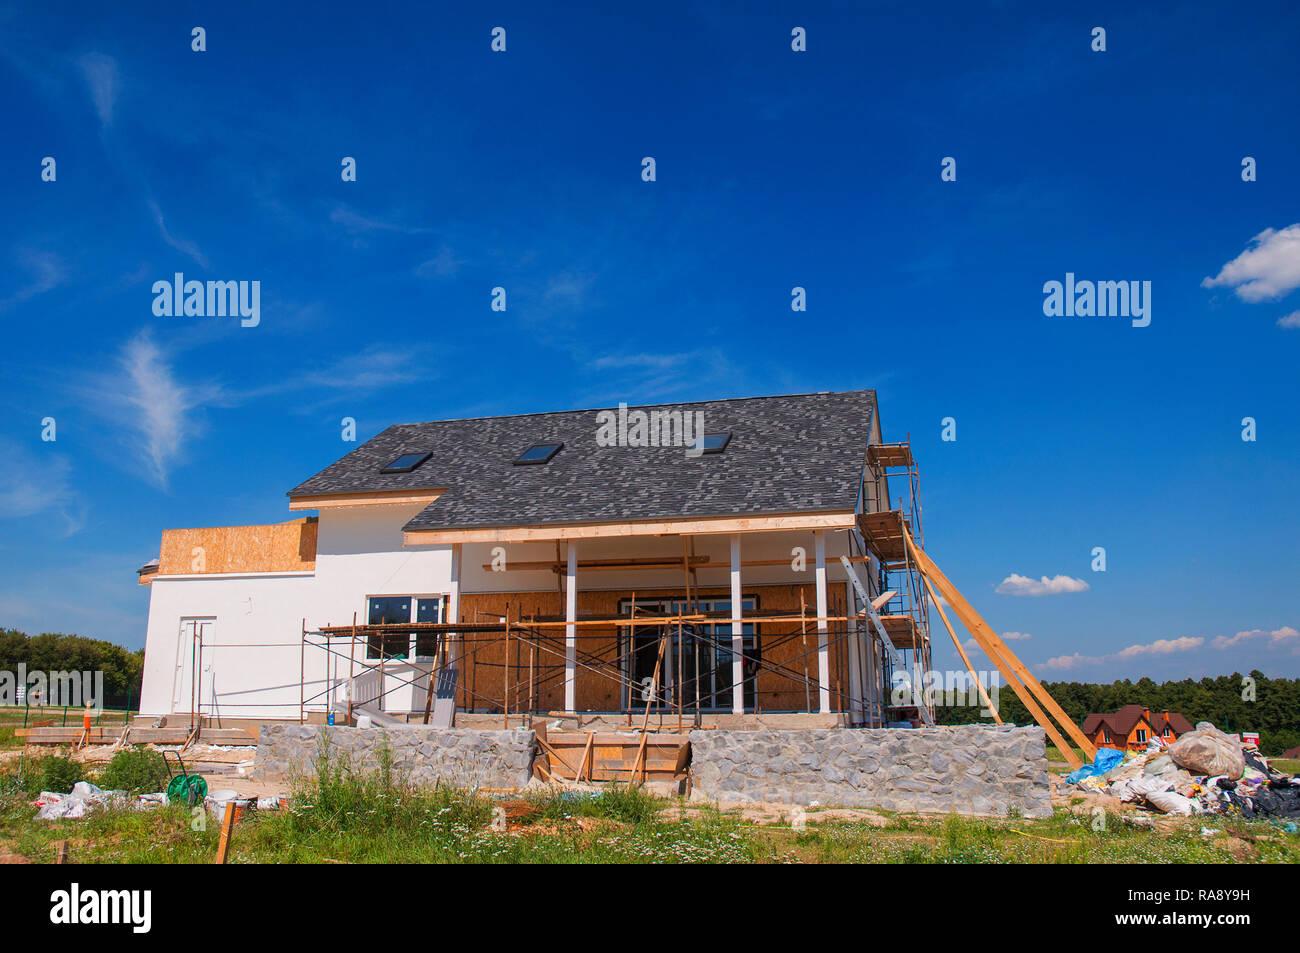 Neue gemütliche Haus Bau an der Außenseite. Gemütliches Haus ...